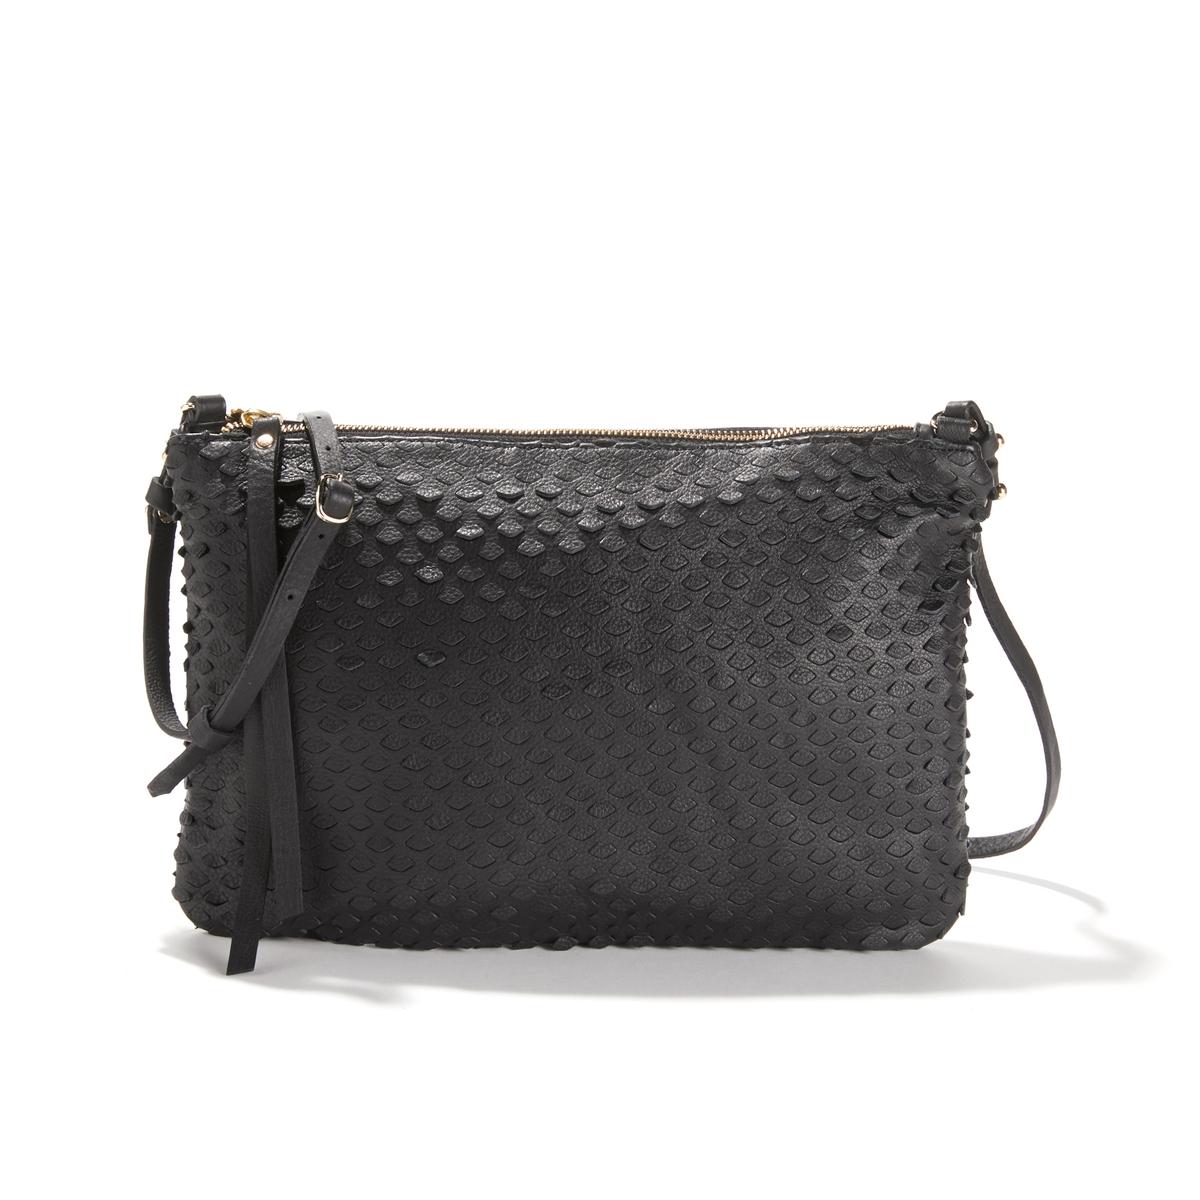 Сумка кожанаяСумка из красивой кожи. Симпатичная современная сумка из кожи  в стиле casual. Кожаная сумка на каждый день. Состав и описание: •  Внешний материал: 100% яловичной кожи. •  Подкладка: 100% хлопок. •  Размер: Д.33 x В.22 x Г.2 см. •  Застежка: молния. •  Внешние карманы: нет. •  Внутренние карманы:  1 карман для мобильного телефона. •  Регулируемый и несъемный ремешок.<br><br>Цвет: черный<br>Размер: единый размер